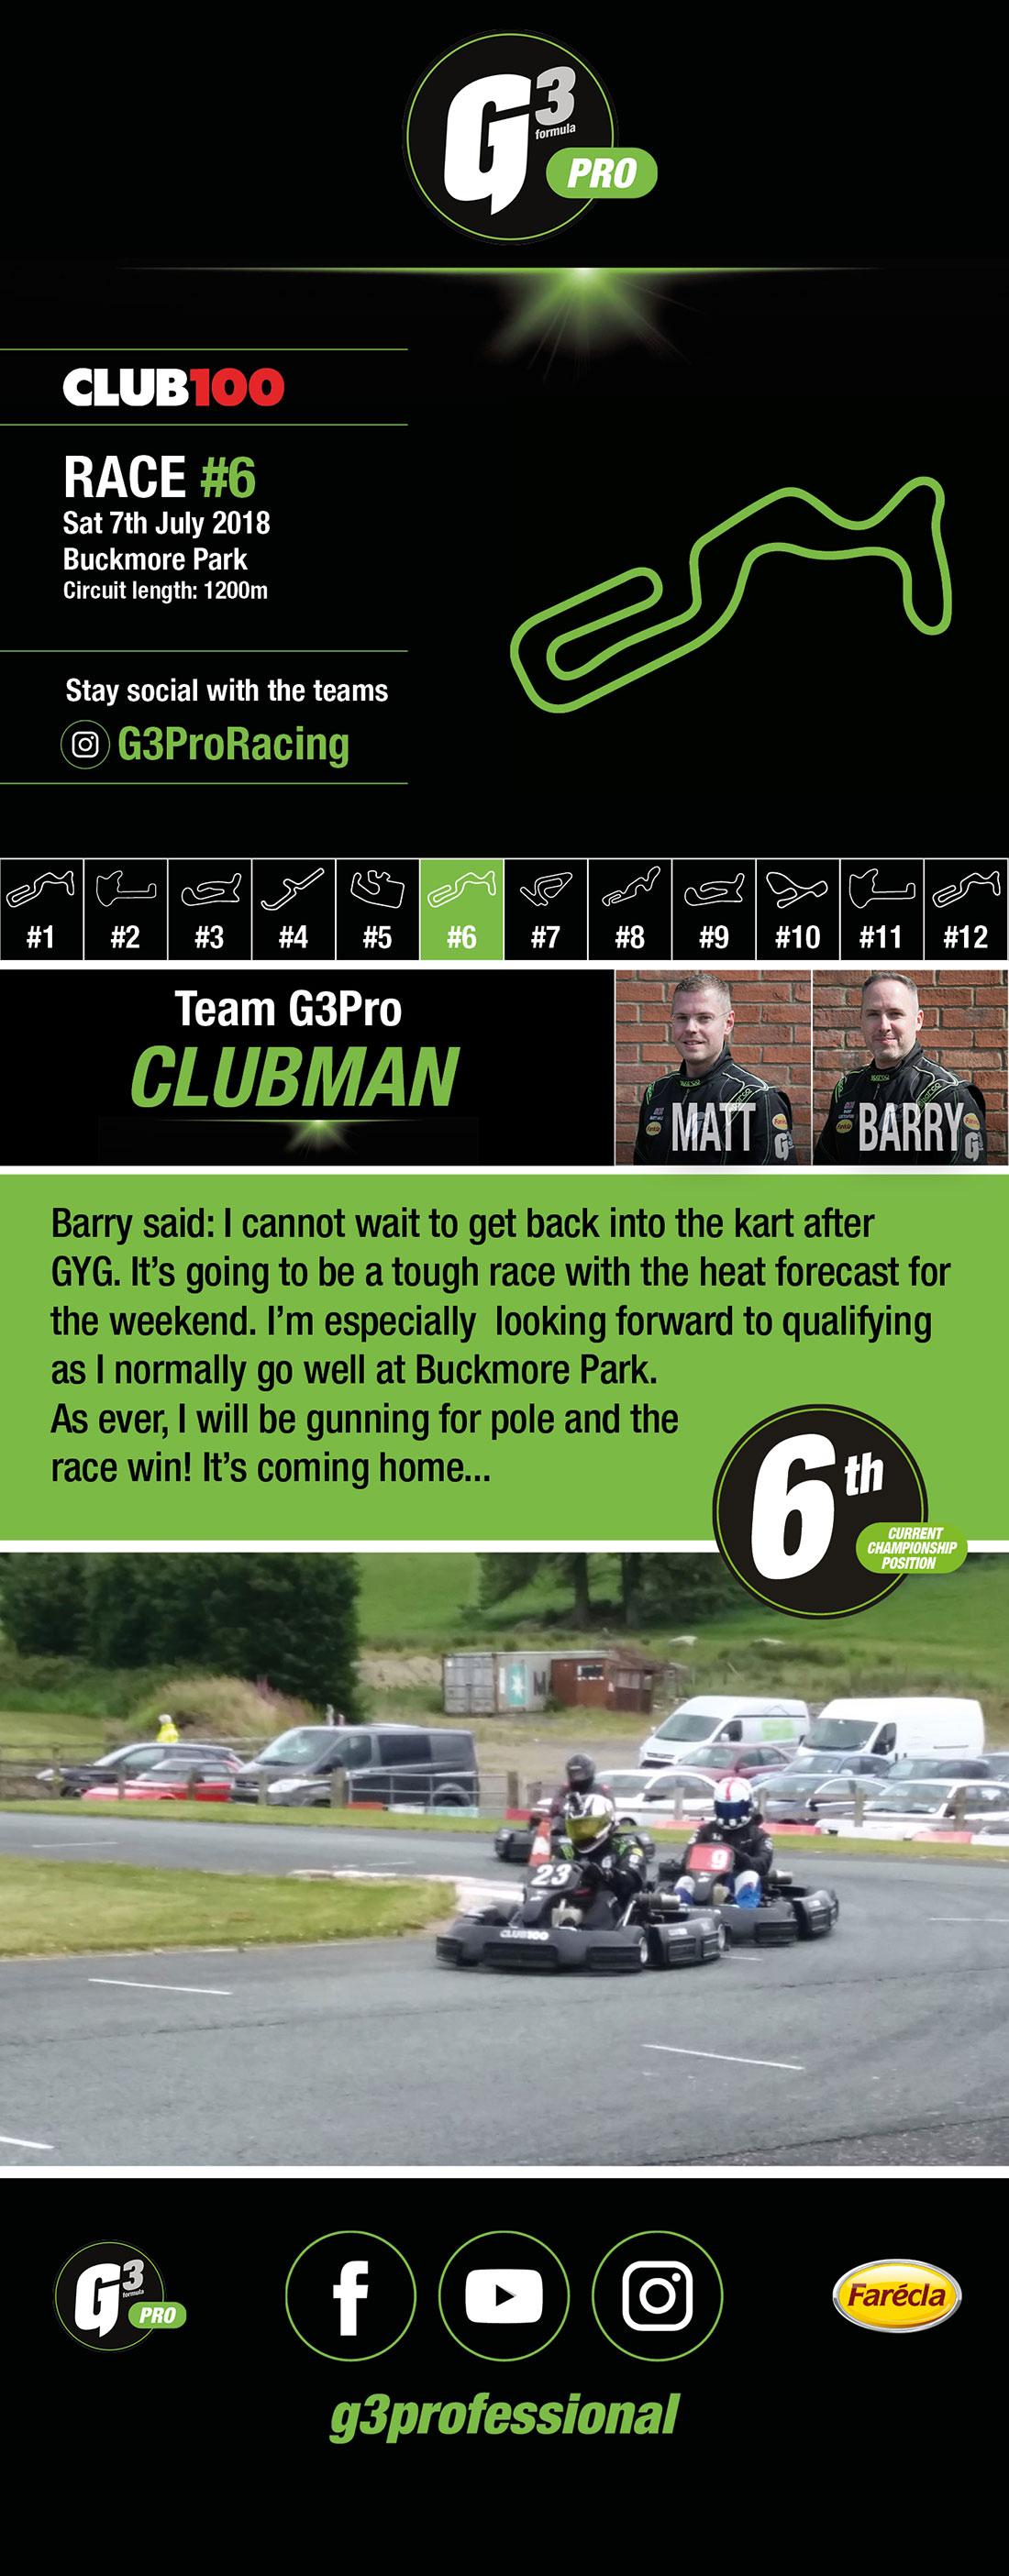 Team G3 Pro Clubman - Club100 Round 6